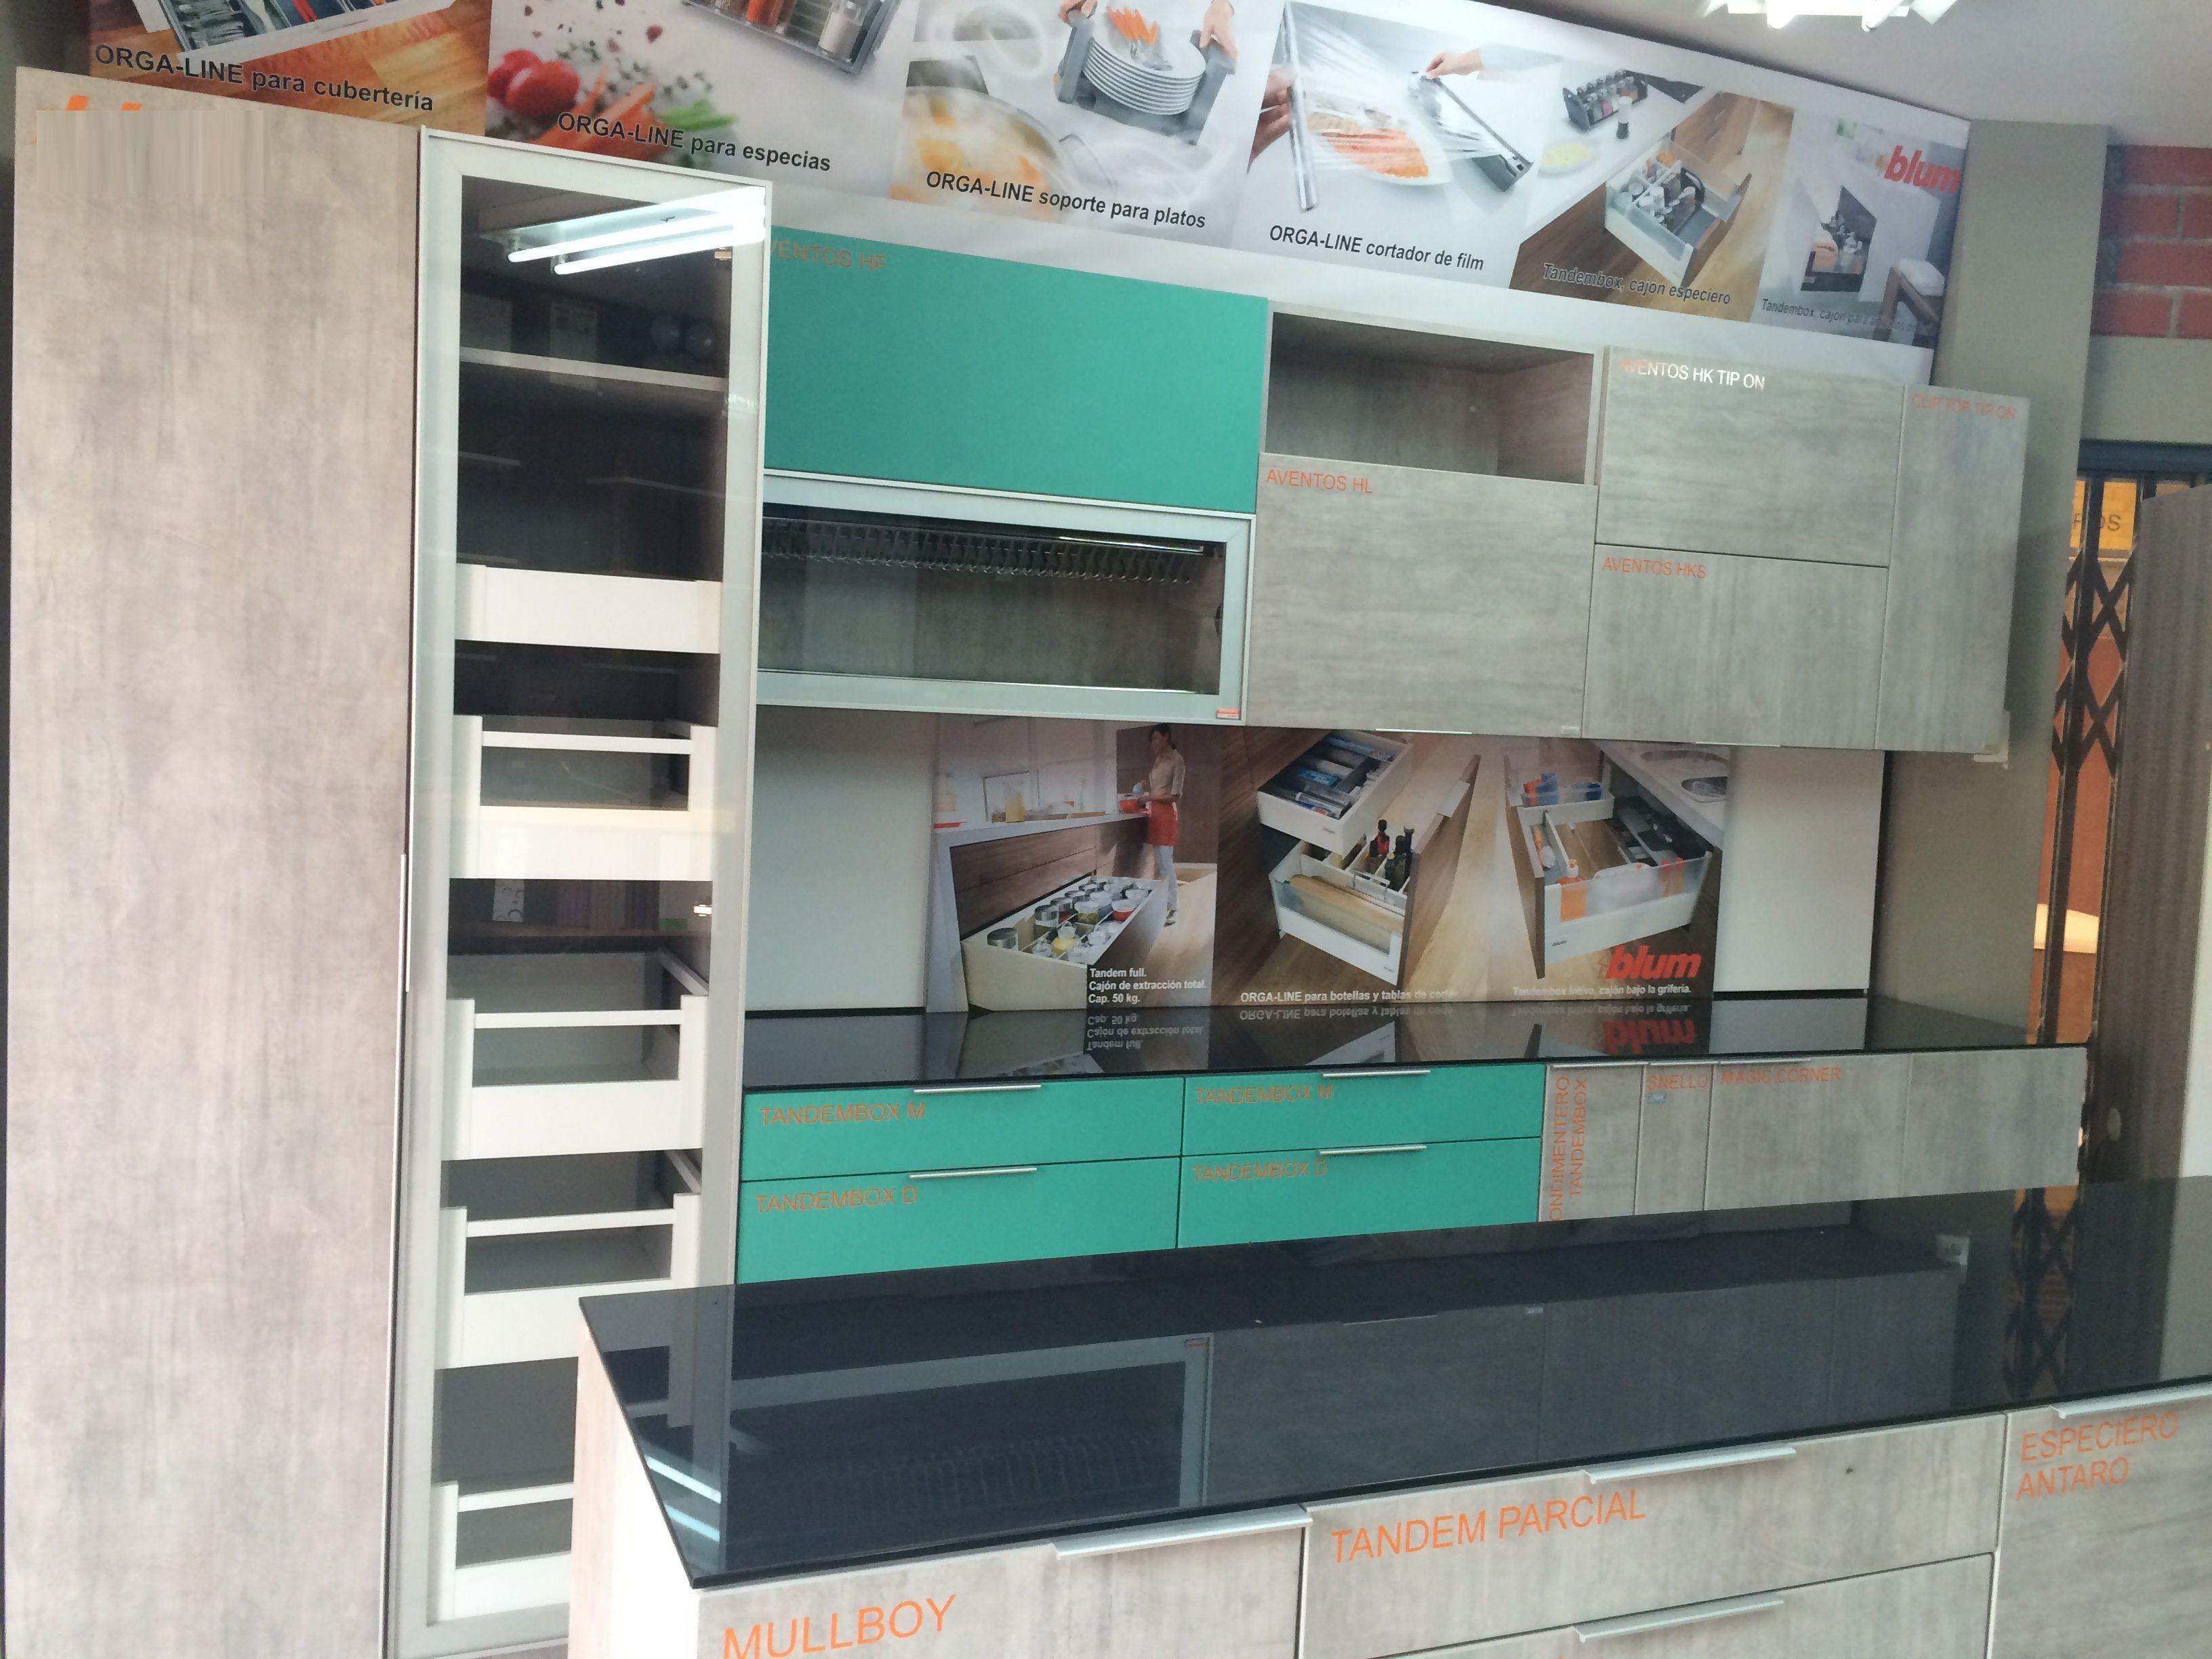 cocina hecha con colores de la colección Natural: Cemento y Menta ...